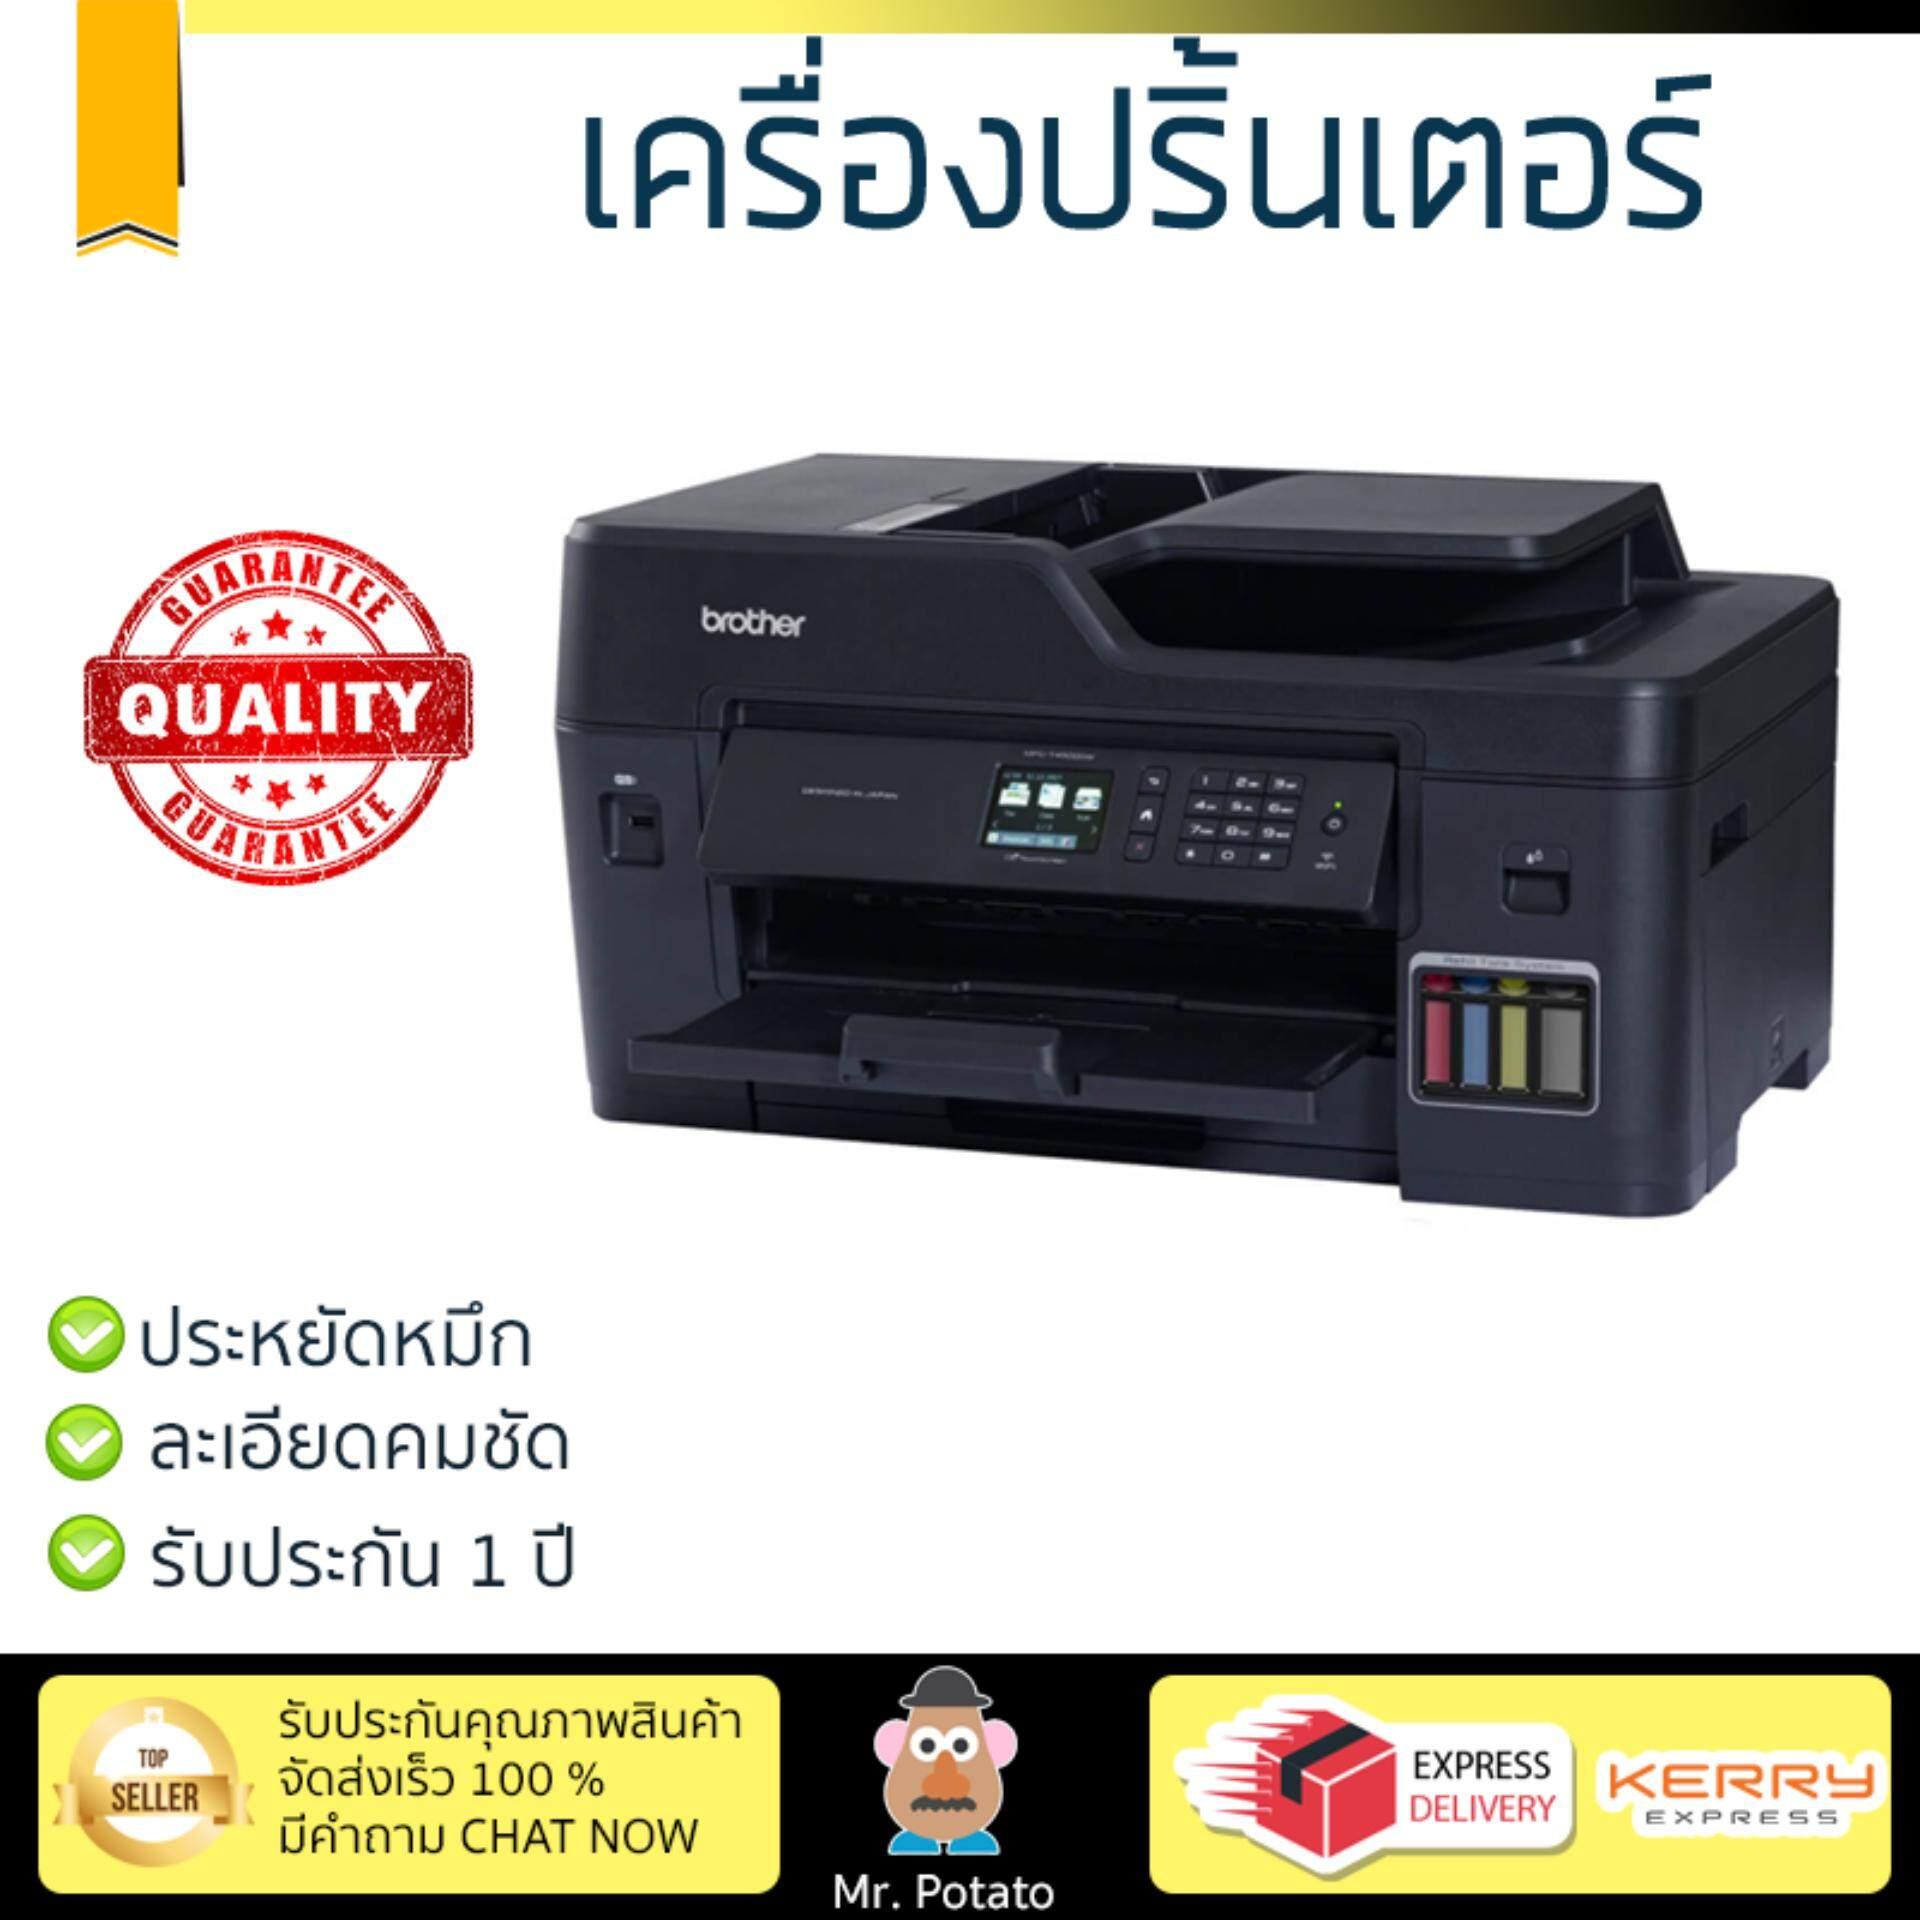 โปรโมชัน เครื่องพิมพ์           BROTHER ออลอินวัน ปริ้นเตอร์ รุ่น MFC-T4500DW             ความละเอียดสูง คมชัด ประหยัดหมึก เครื่องปริ้น เครื่องปริ้นท์ All in one Printer รับประกันสินค้า 1 ปี จัดส่งฟร